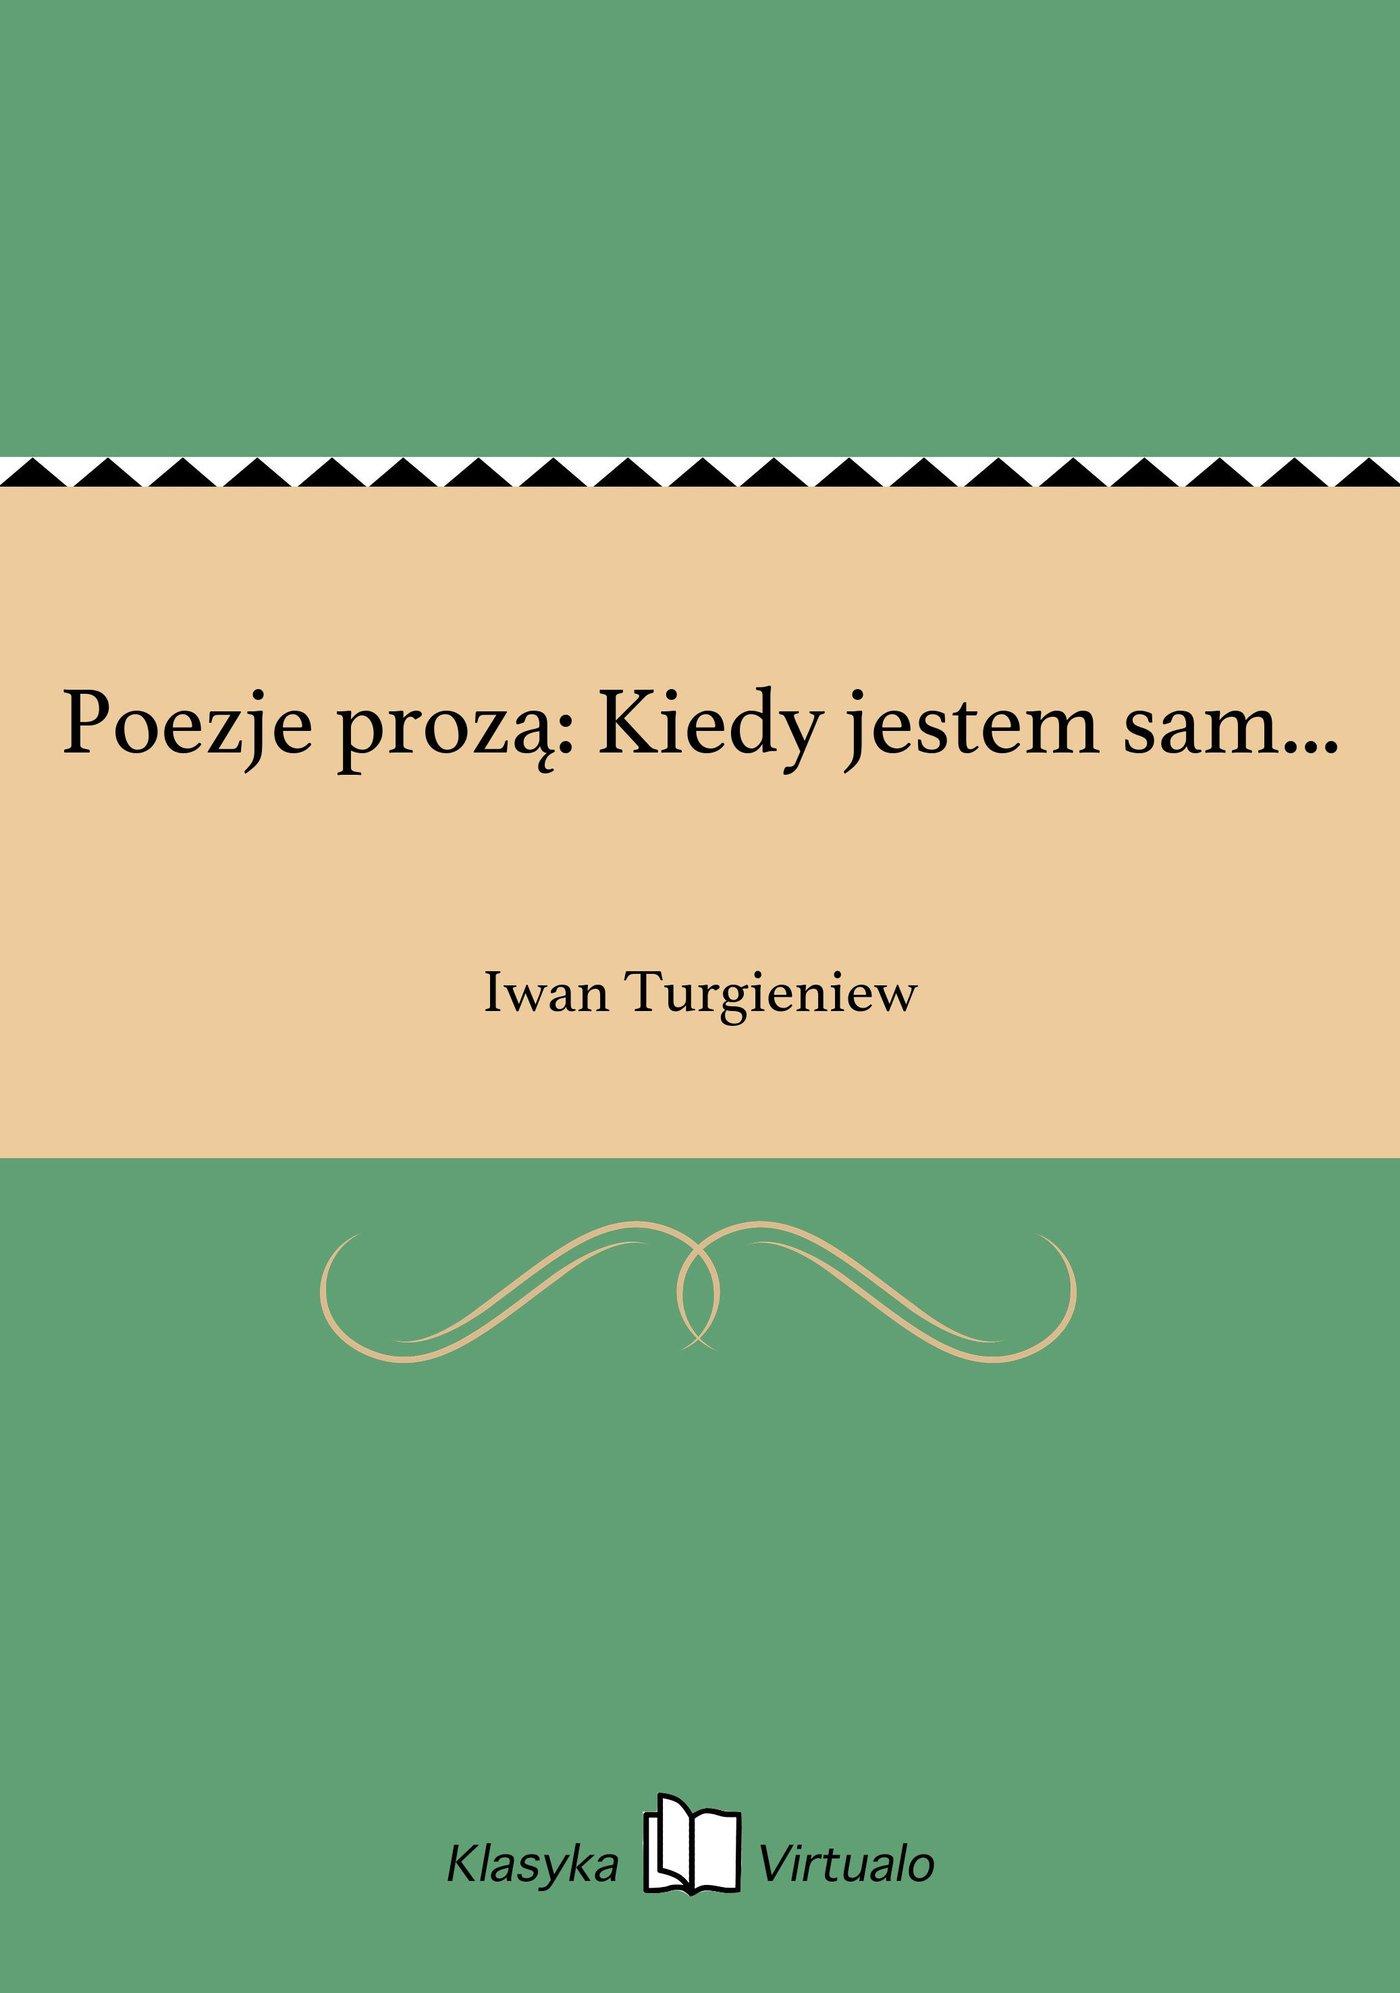 Poezje prozą: Kiedy jestem sam... - Ebook (Książka EPUB) do pobrania w formacie EPUB